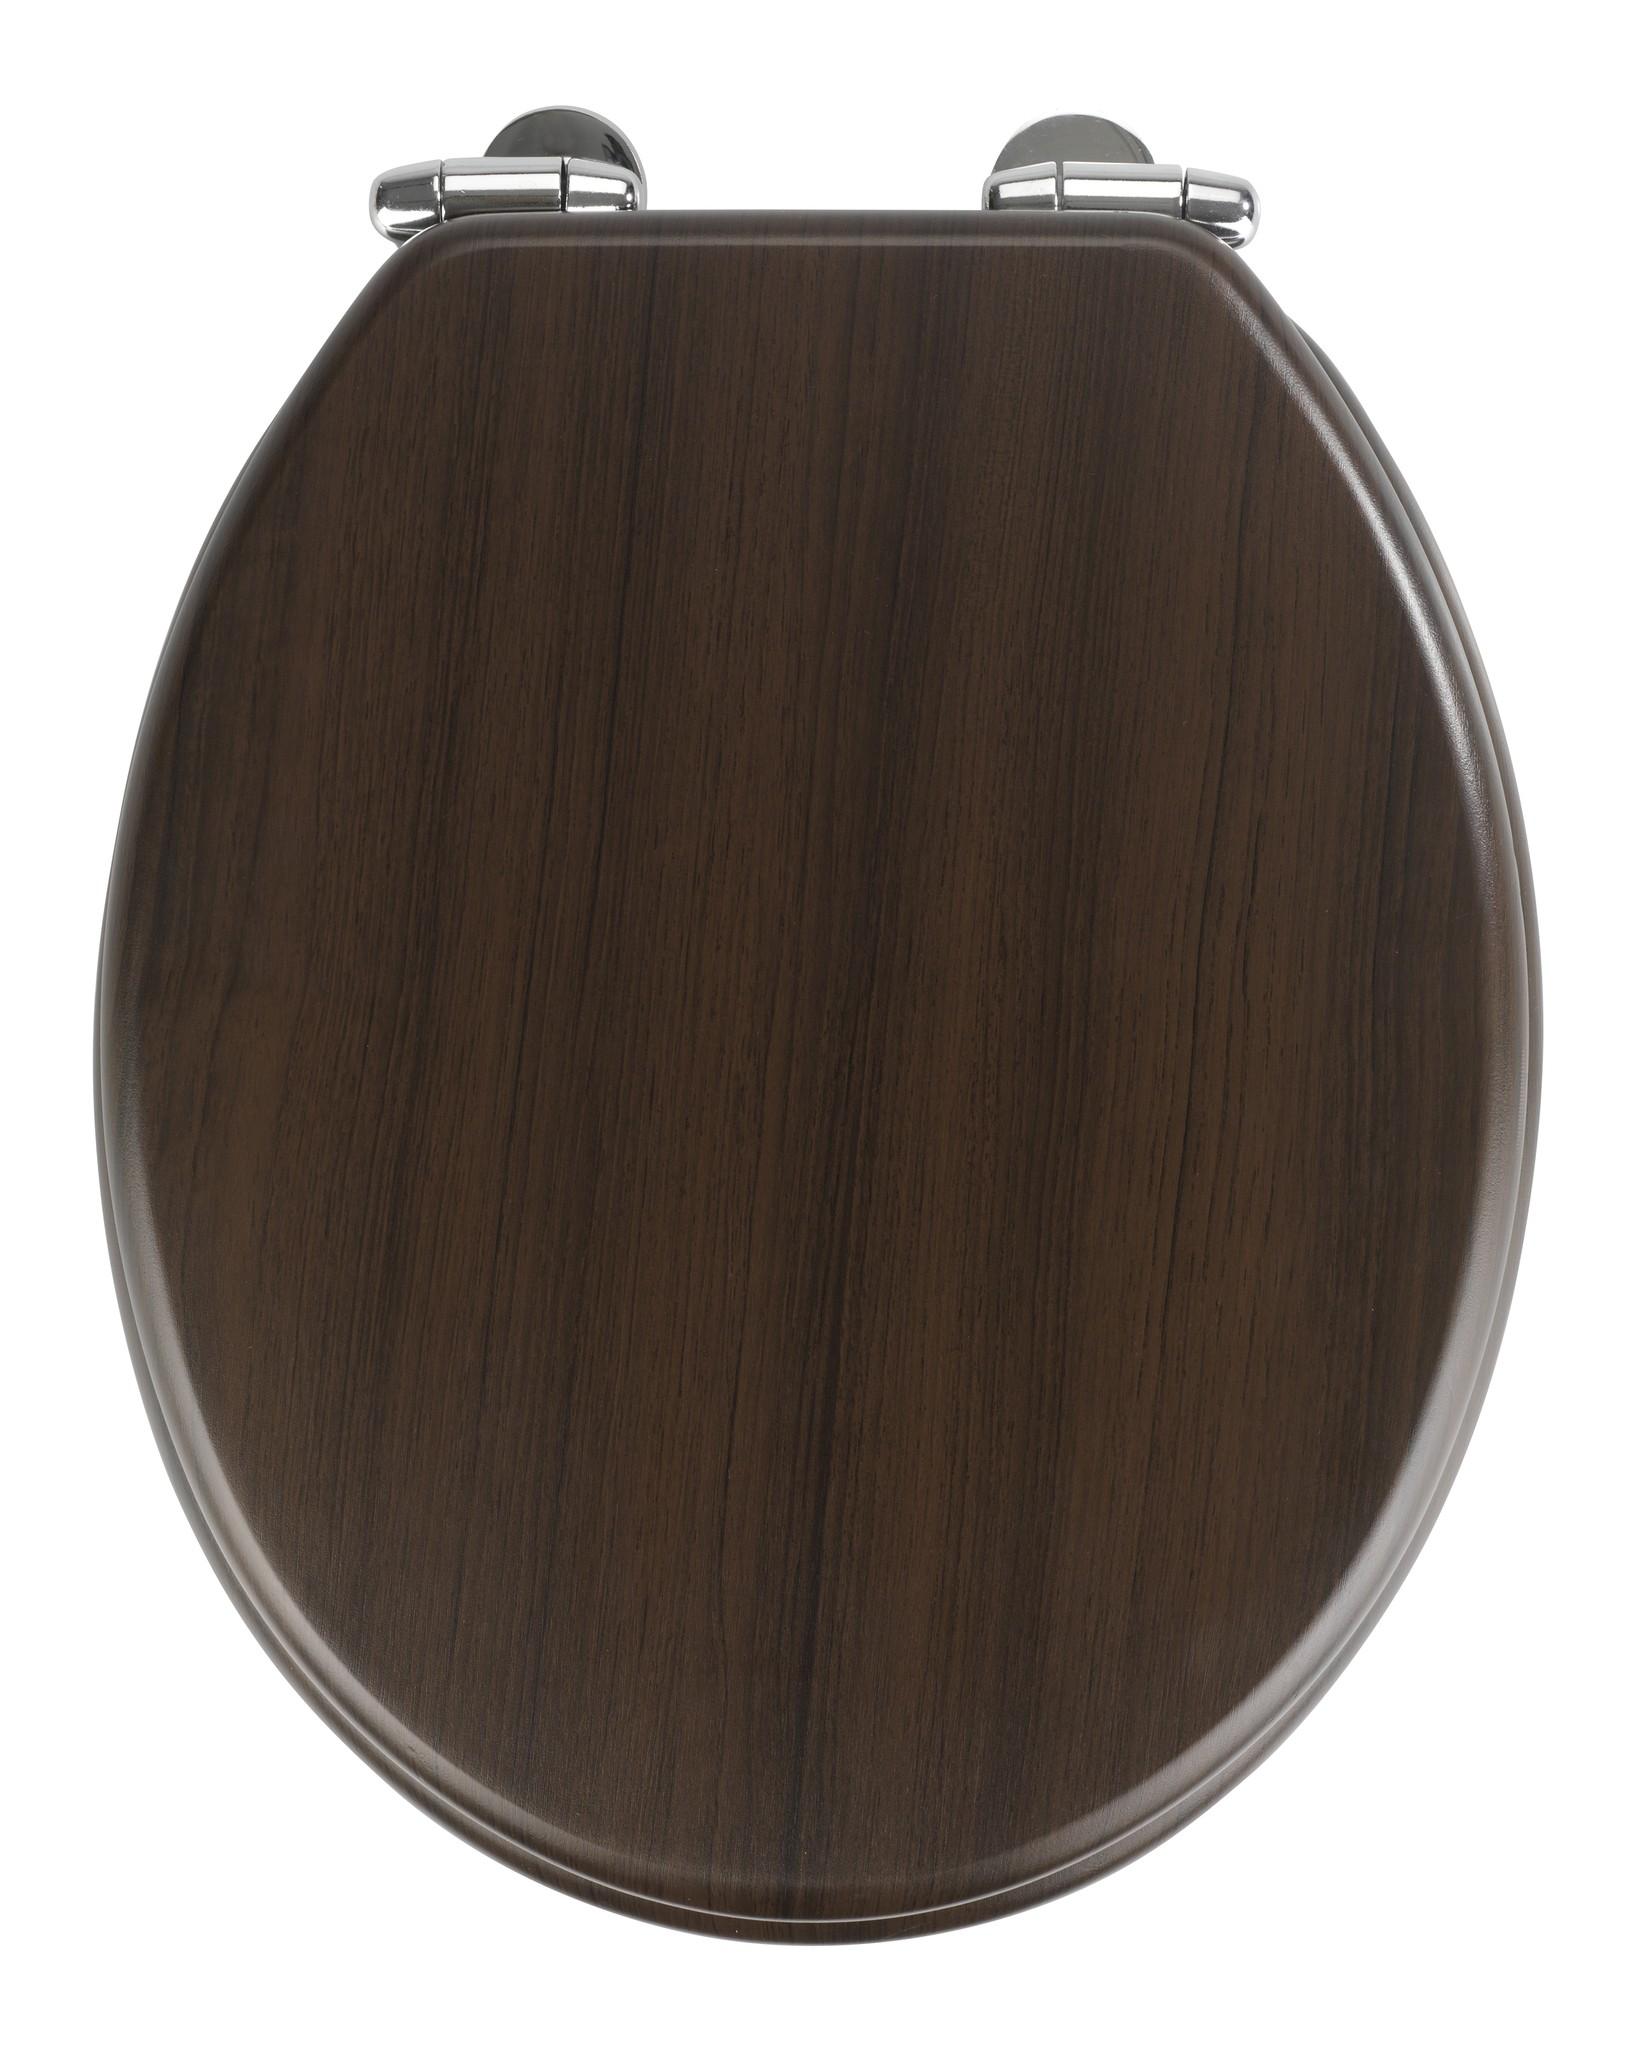 wc sitz wenge mit absenkautomatik von wenko jetzt kaufen bei wc. Black Bedroom Furniture Sets. Home Design Ideas